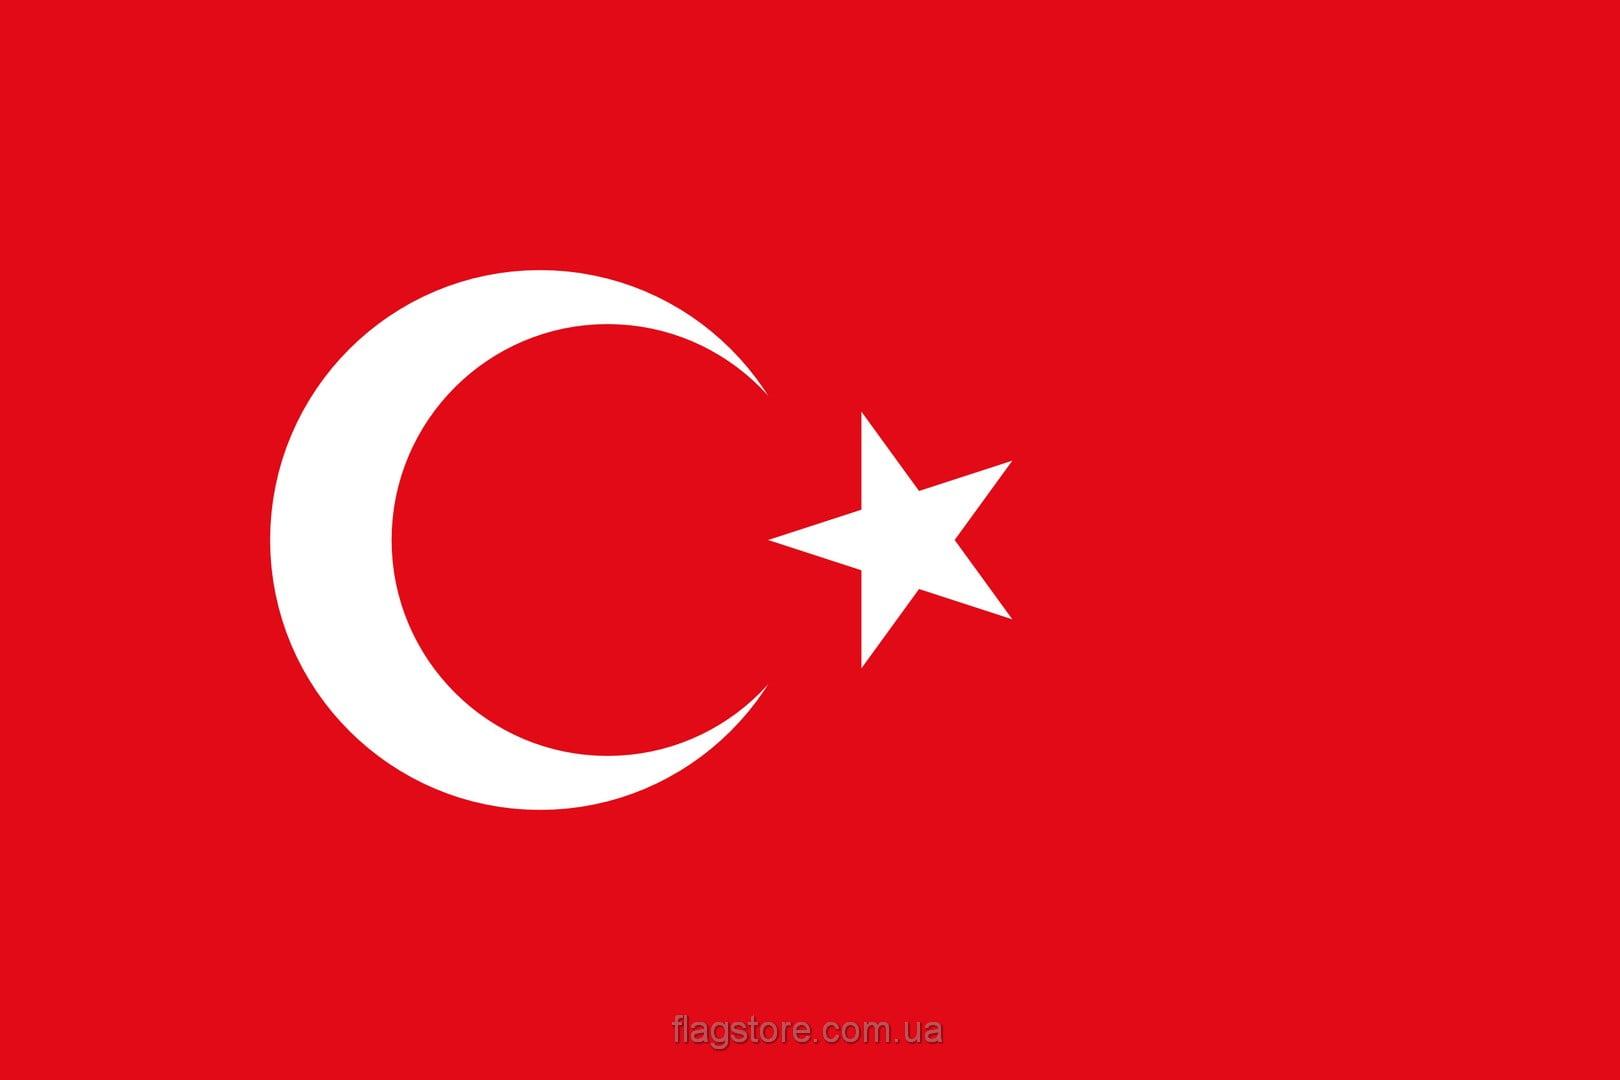 Купить флаг Турции (страны Турция)